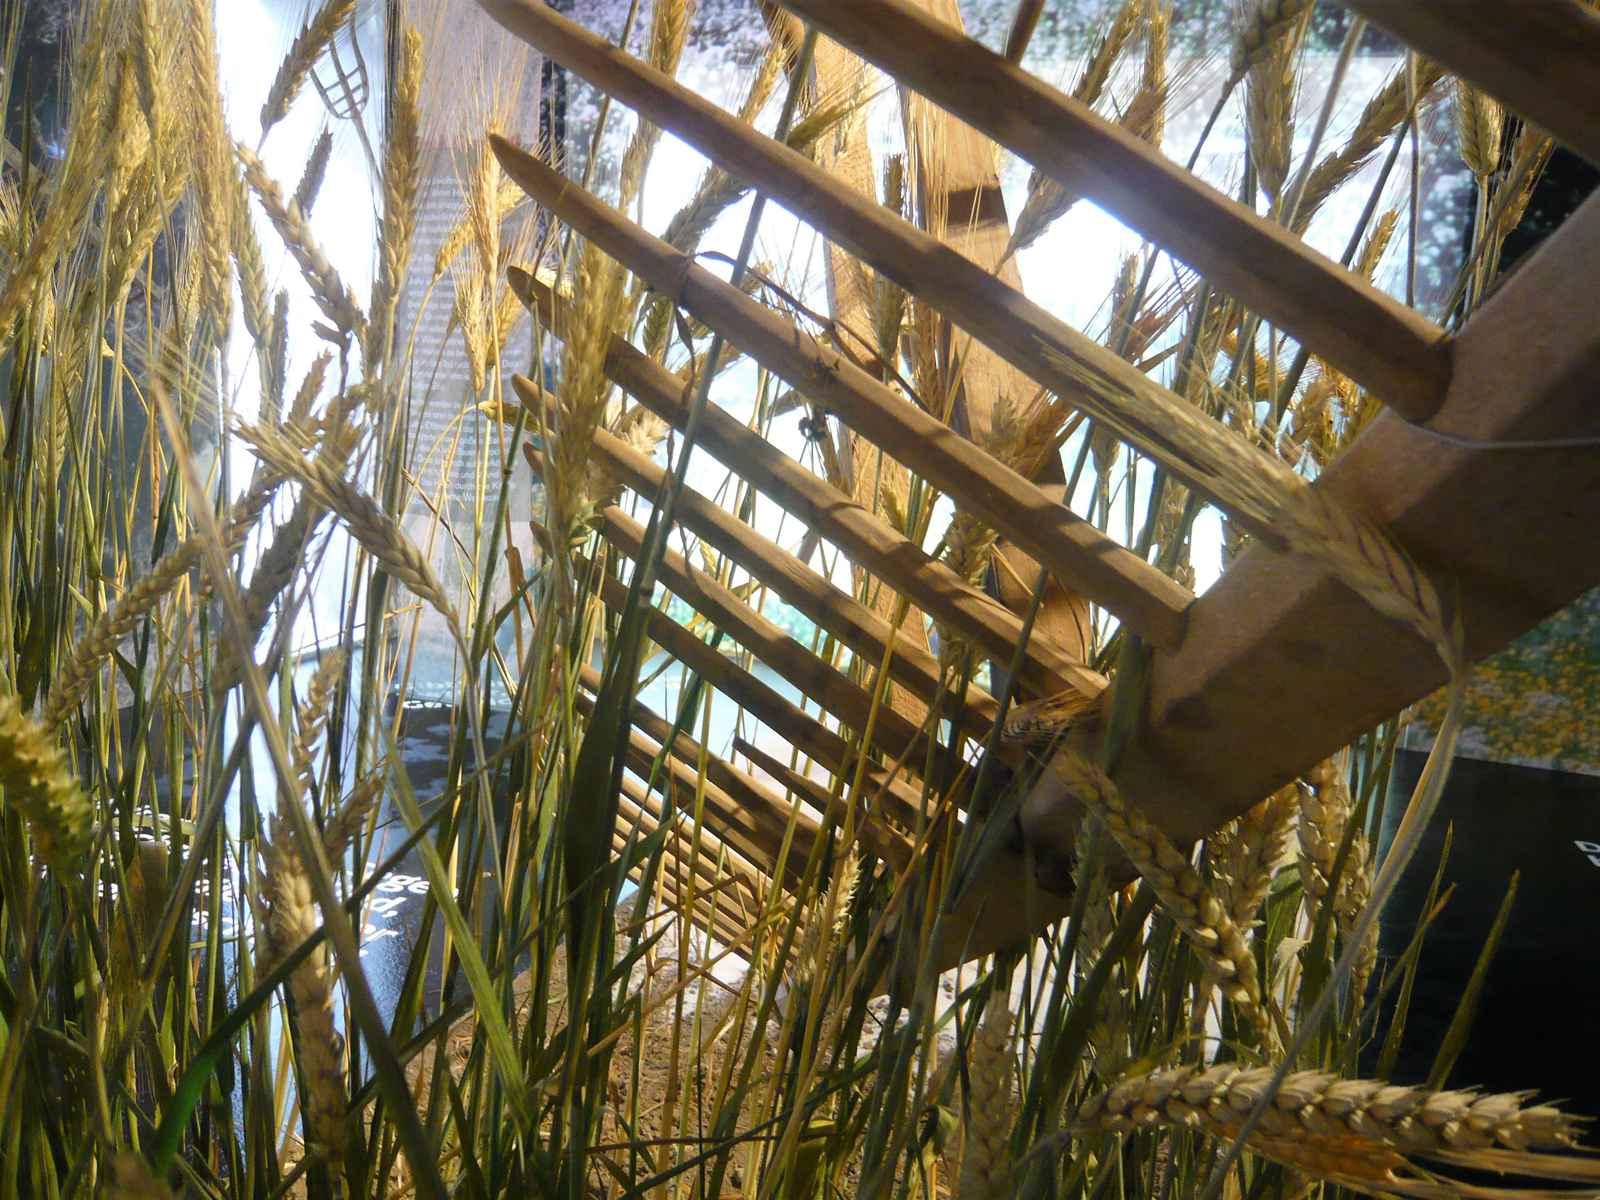 Ackermodell Detail mit Rechen und Weizenähren